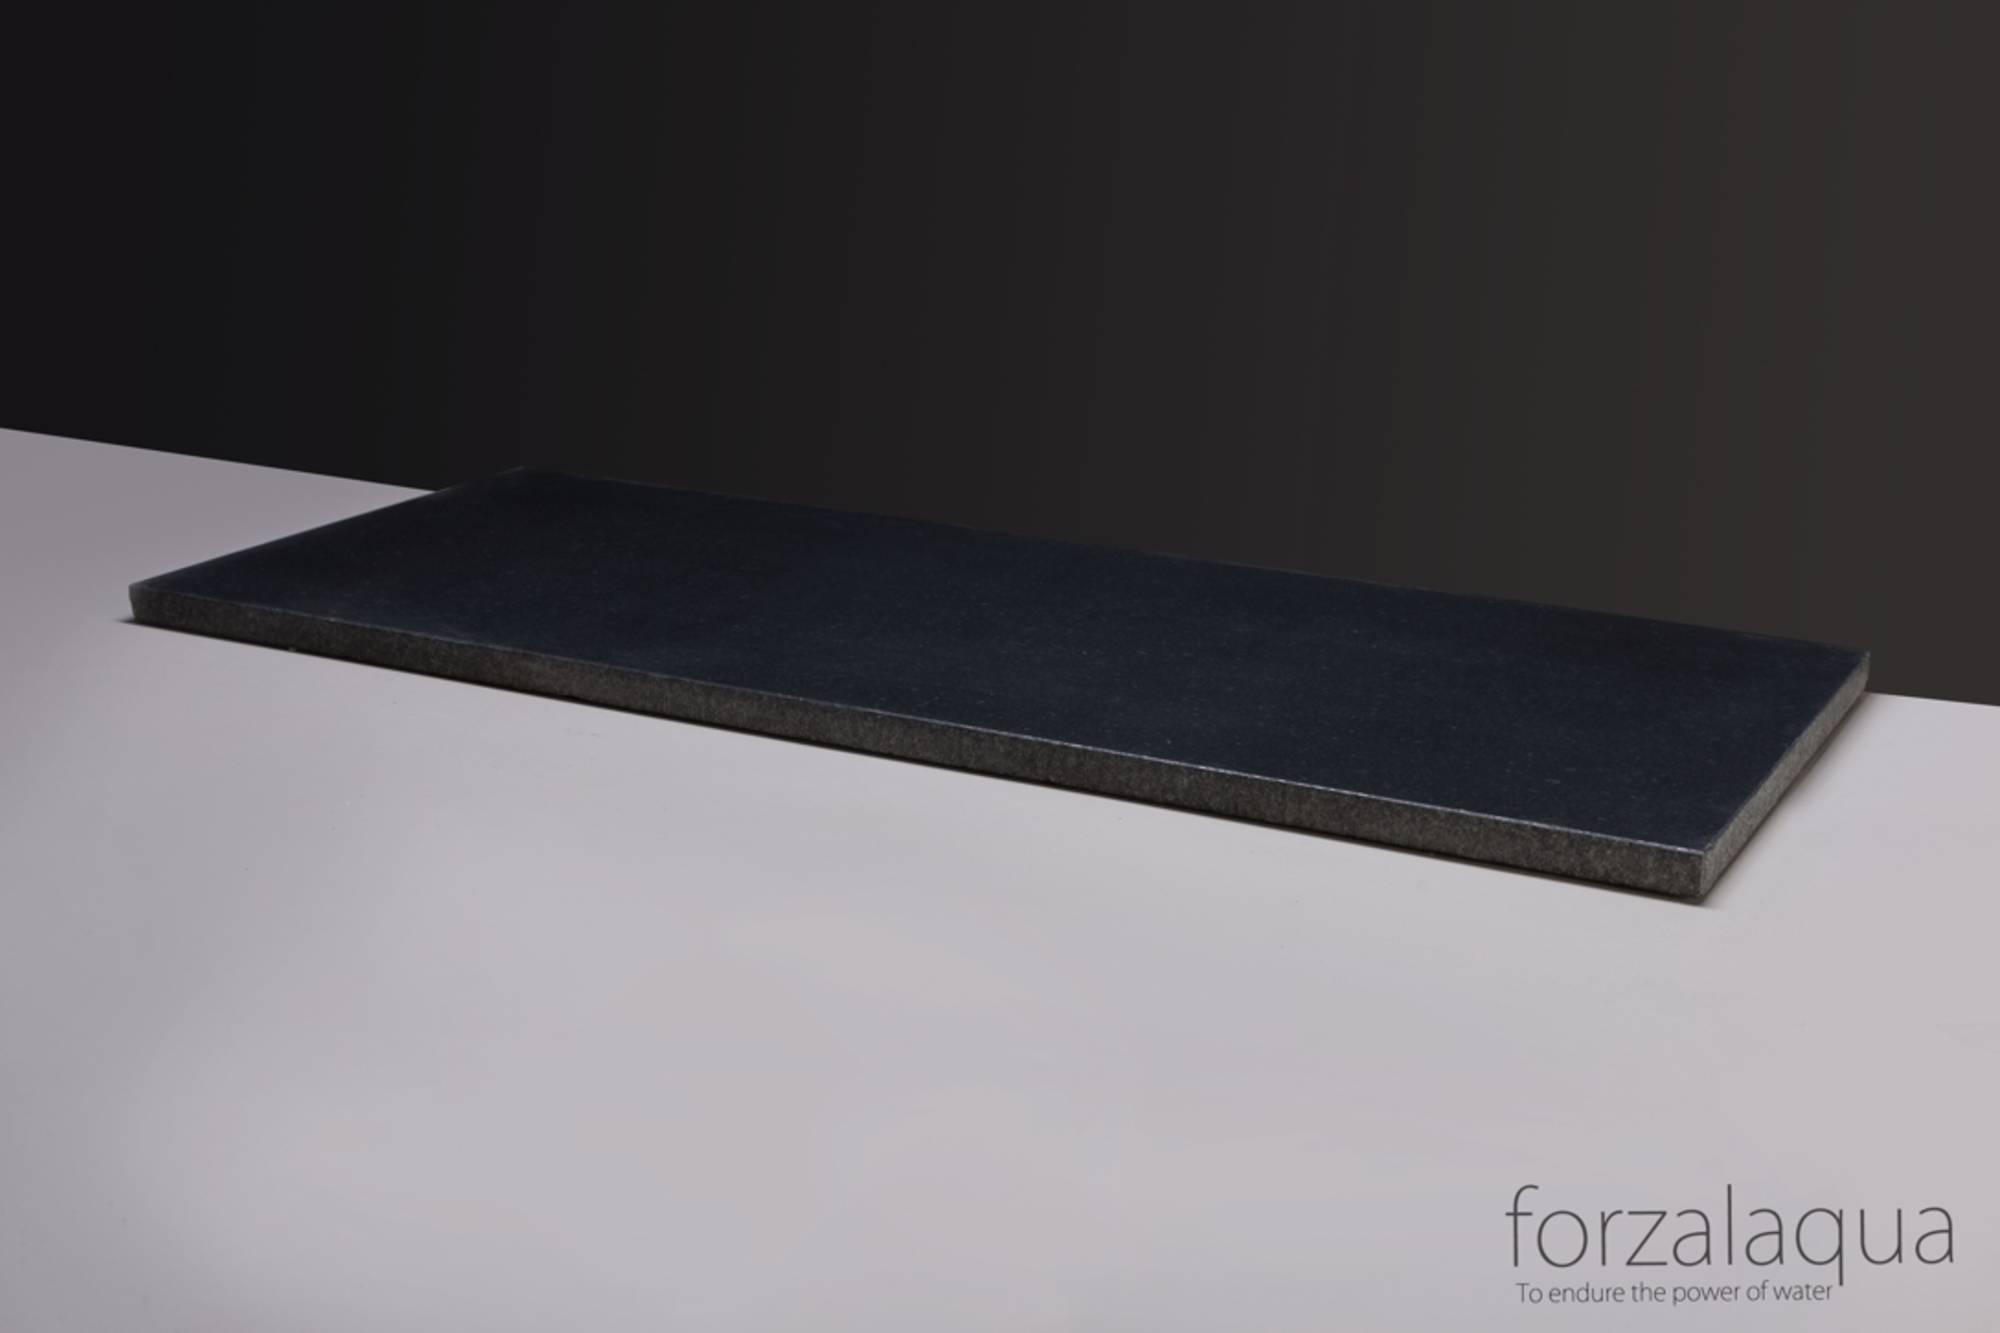 Forzalaqua Plateau 100,5x51,5x3 cm 2xo72mm Graniet Gebrand